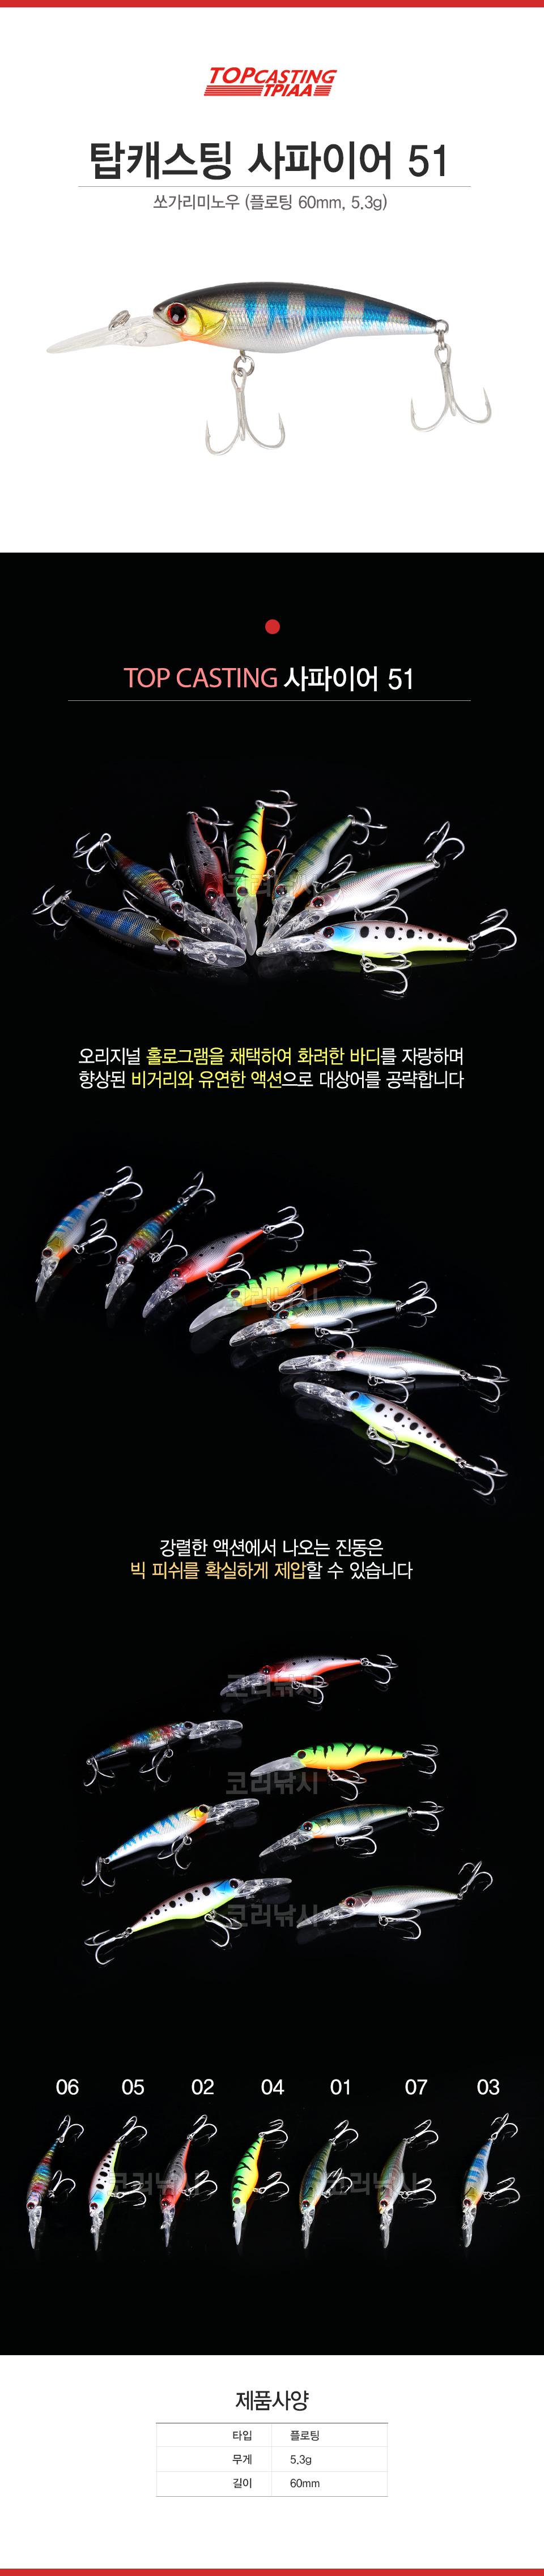 탑캐스팅 사파이어 51 (쏘가리미노우) (플로팅,60mm,5.3g) 쏘미노잉 쏘가리하드베이트 오너훅 티피아